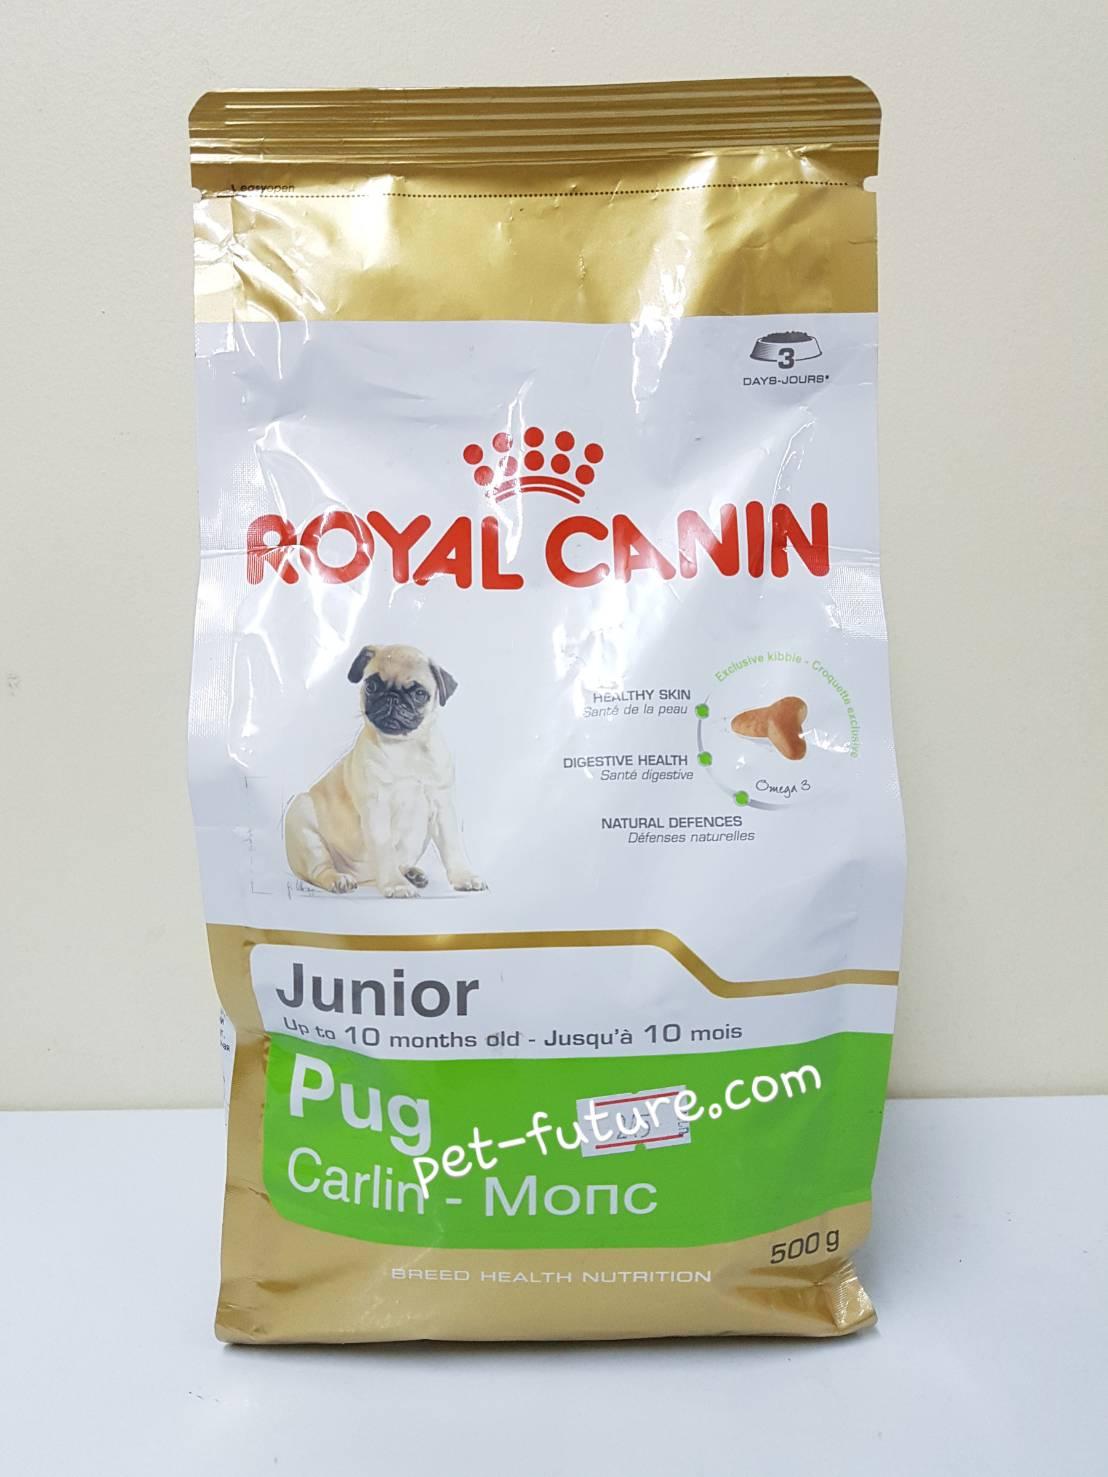 BHN Pug junior สูตรสำหรับลูกสุนัขพันธ์ปั๊ก 500 g. Exp.11/17